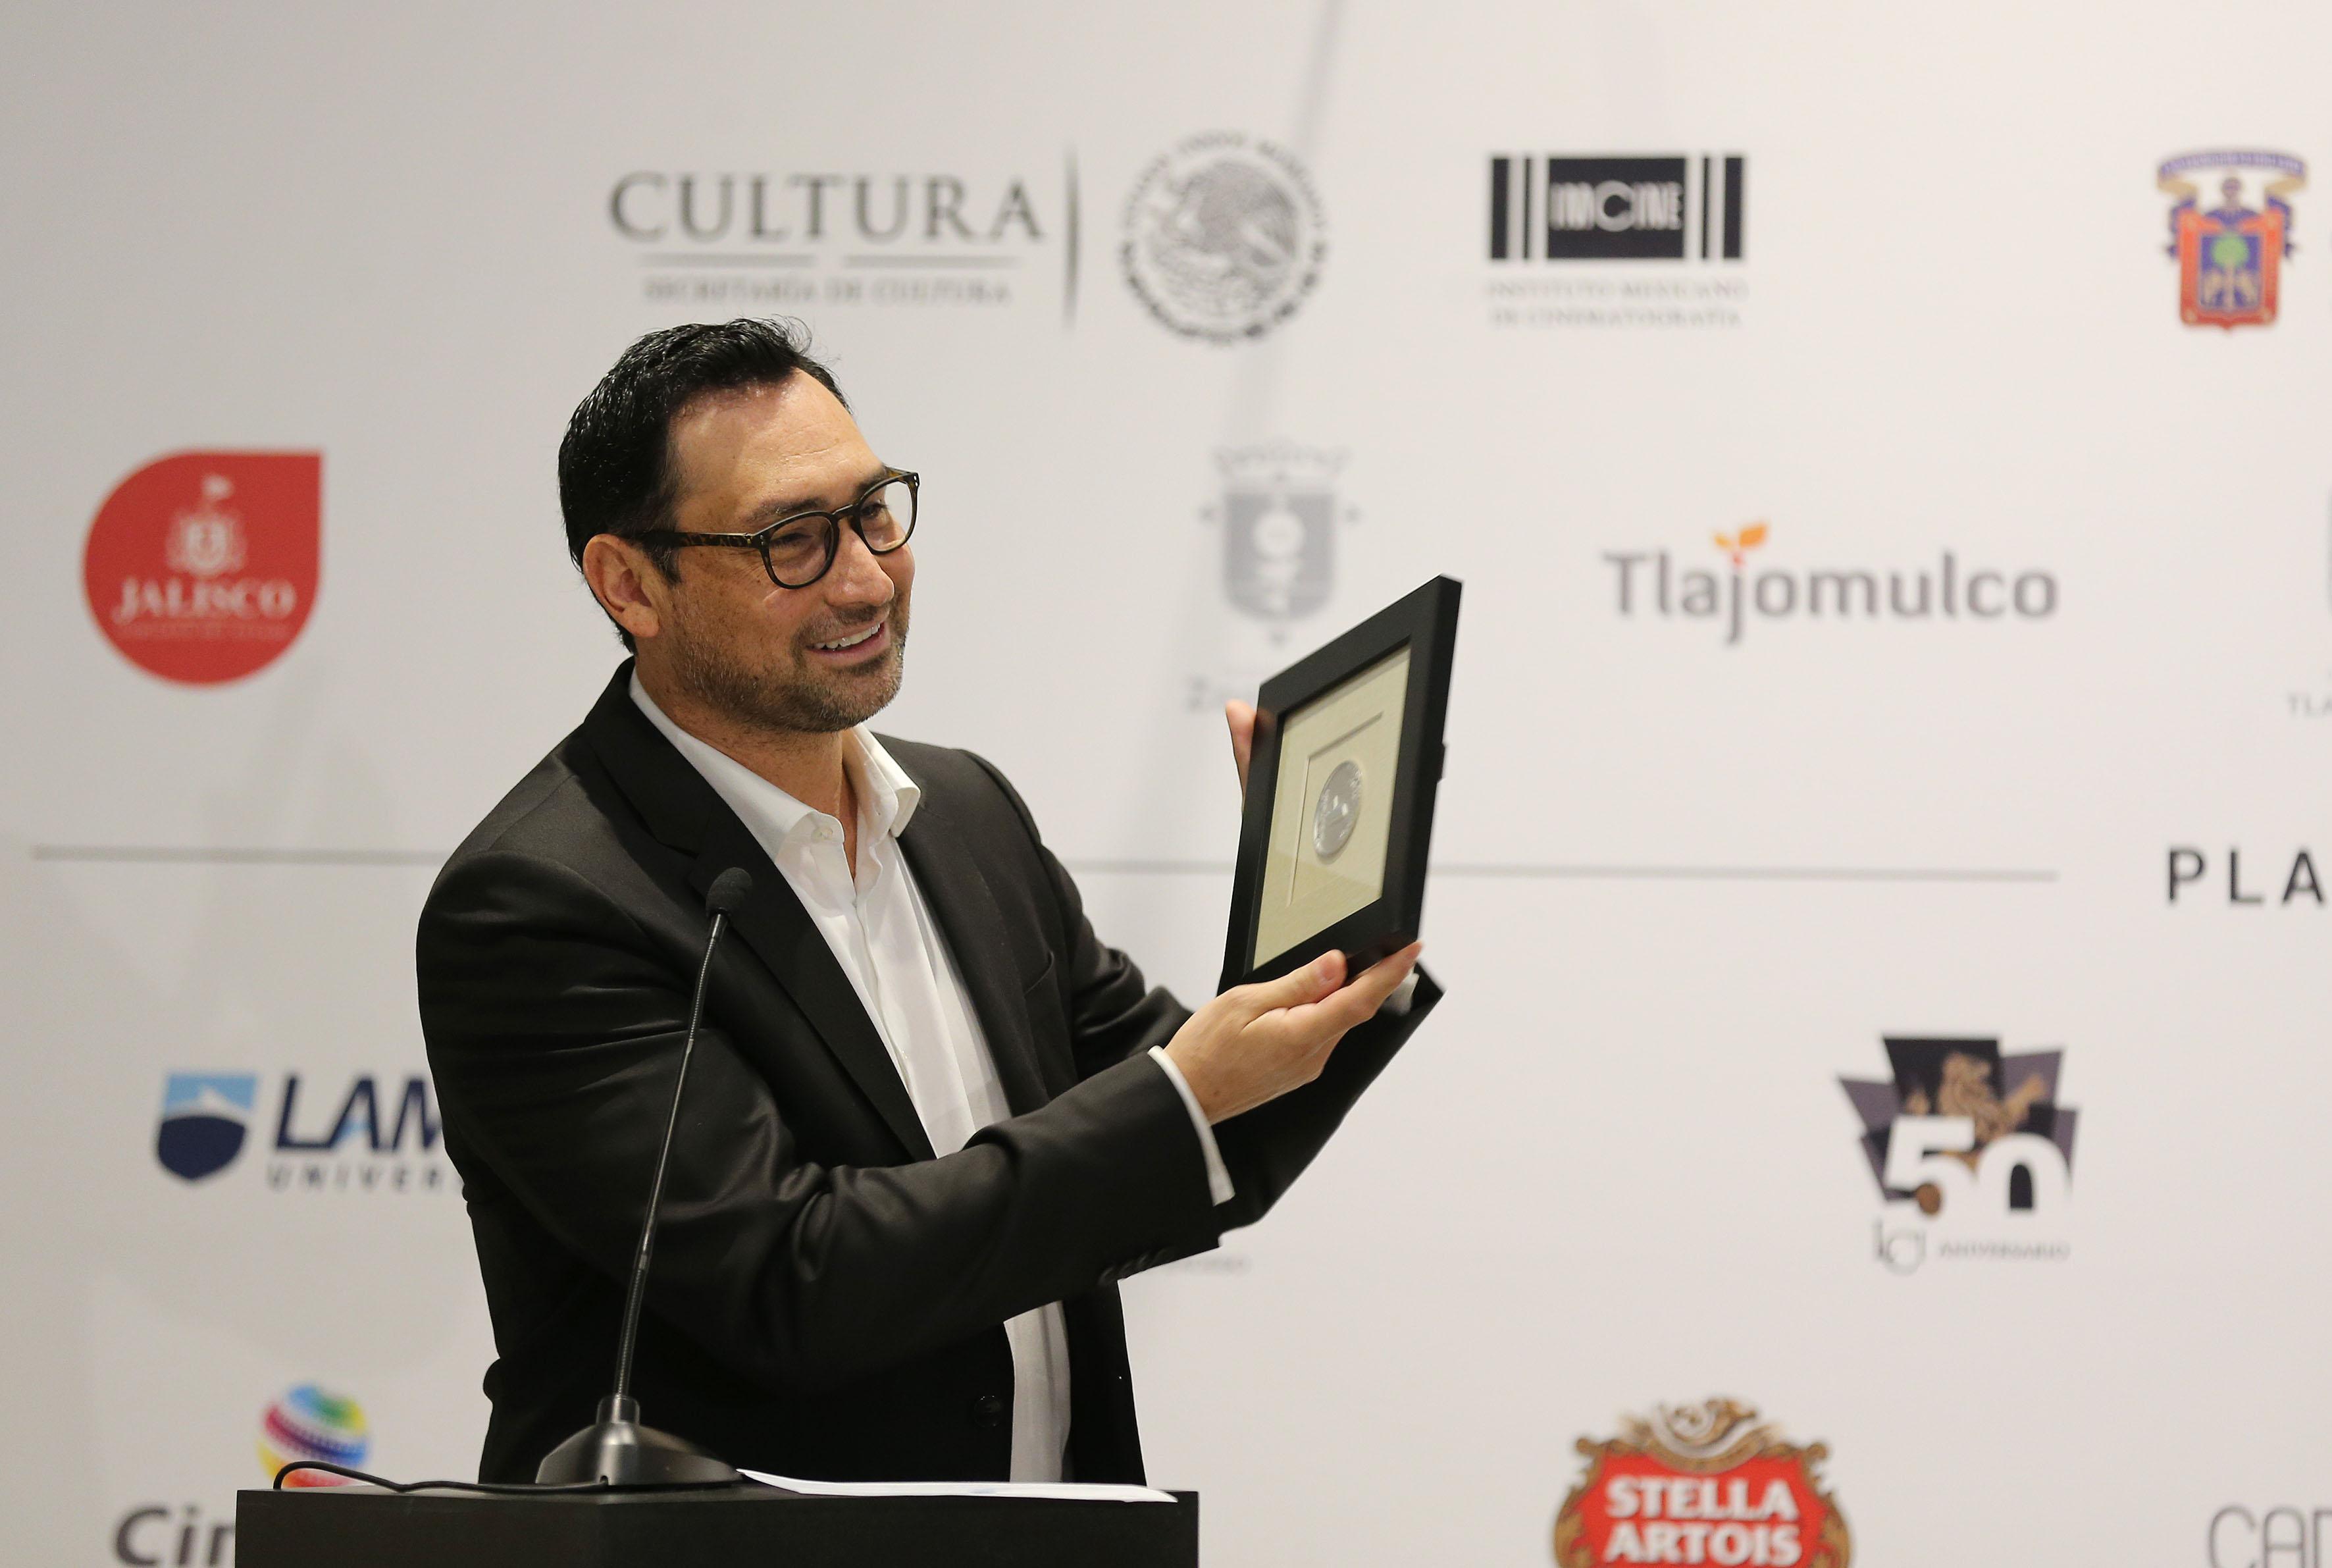 Ganador de uno de los premios paralelos, mostrando al público su reconocimiento.